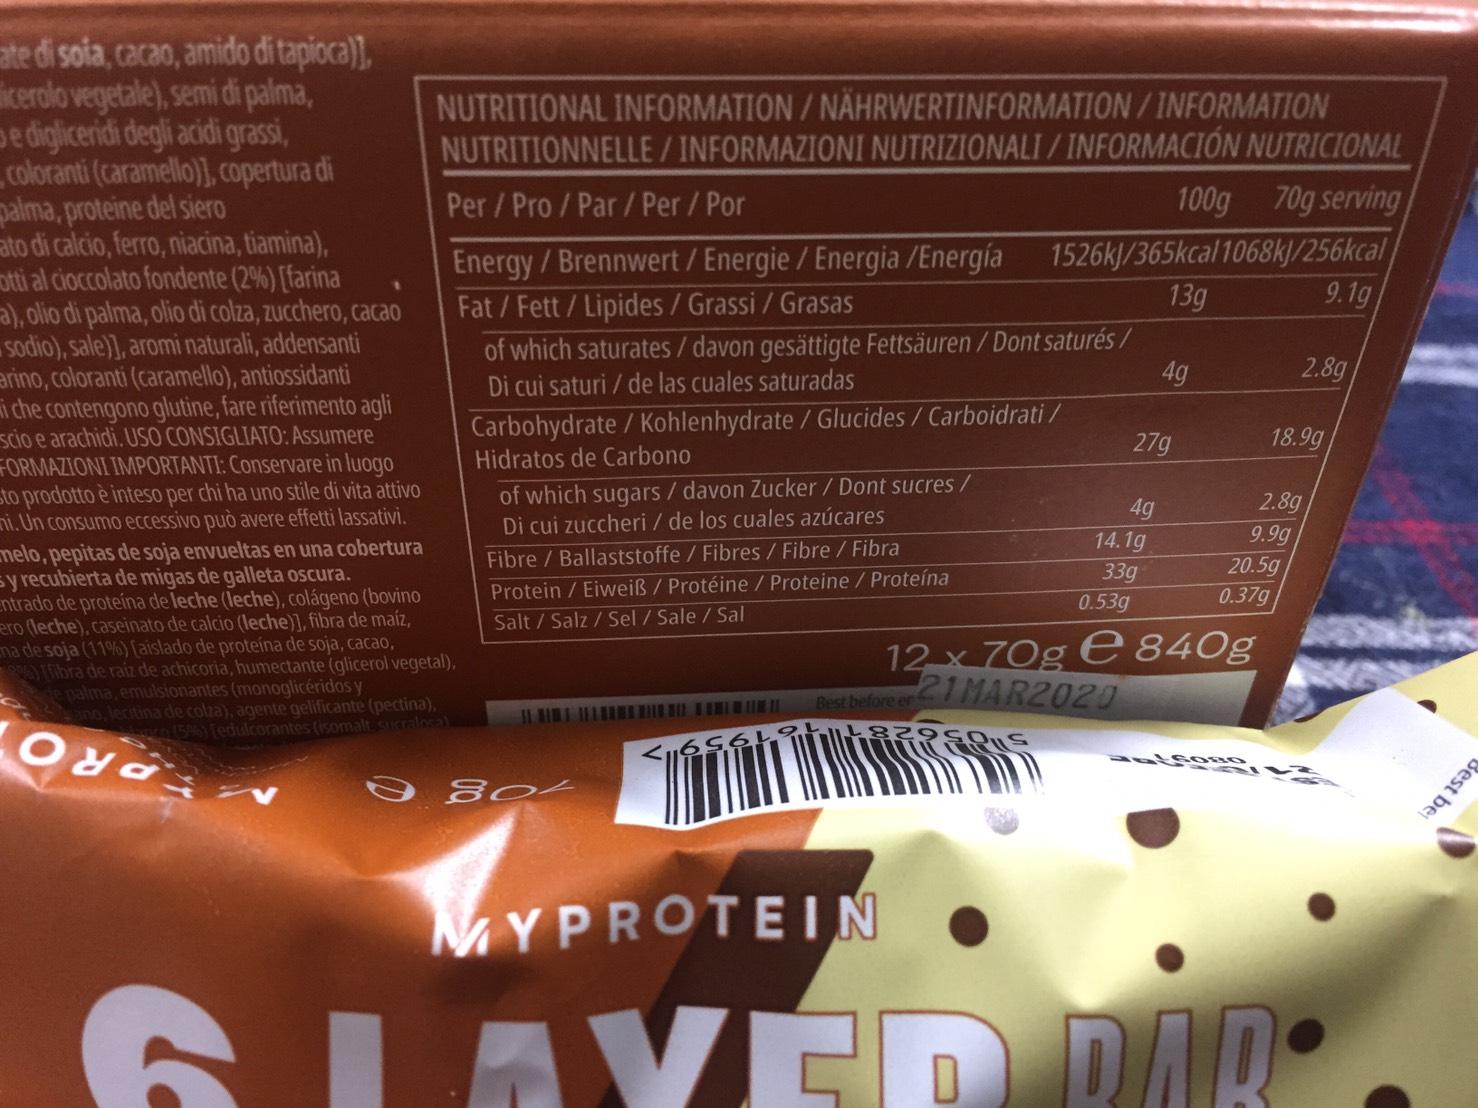 6レイヤープロテインバー、クッキー&クリーム味の成分表